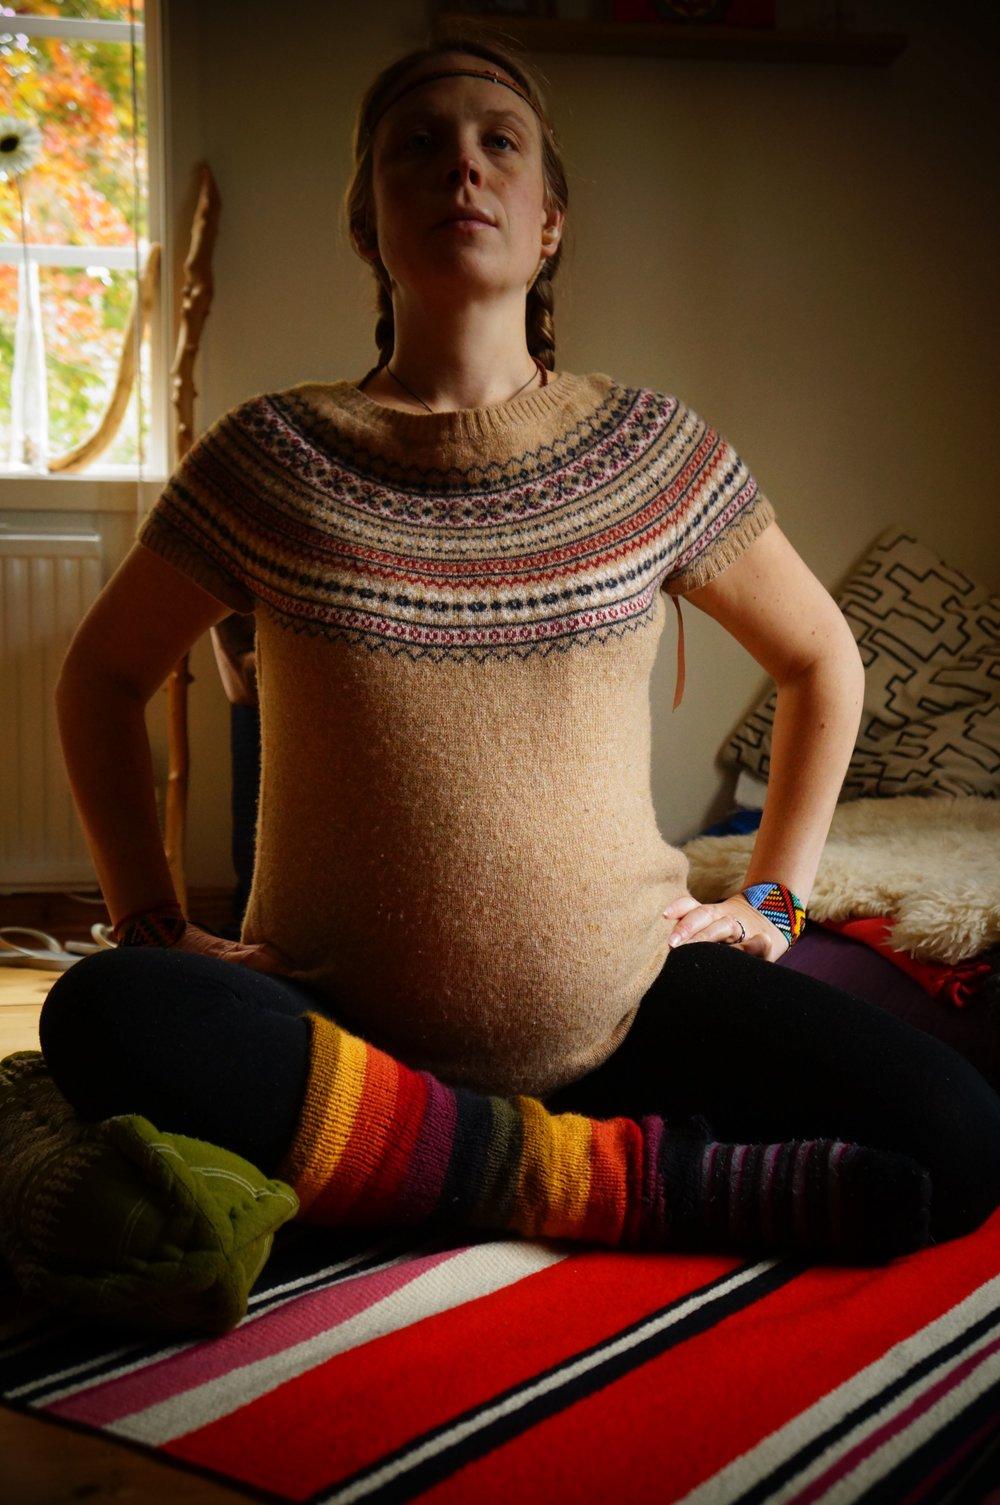 Yoga och meditera under graviditeten stärker kropp och sinne och förbereder inför förlossningen